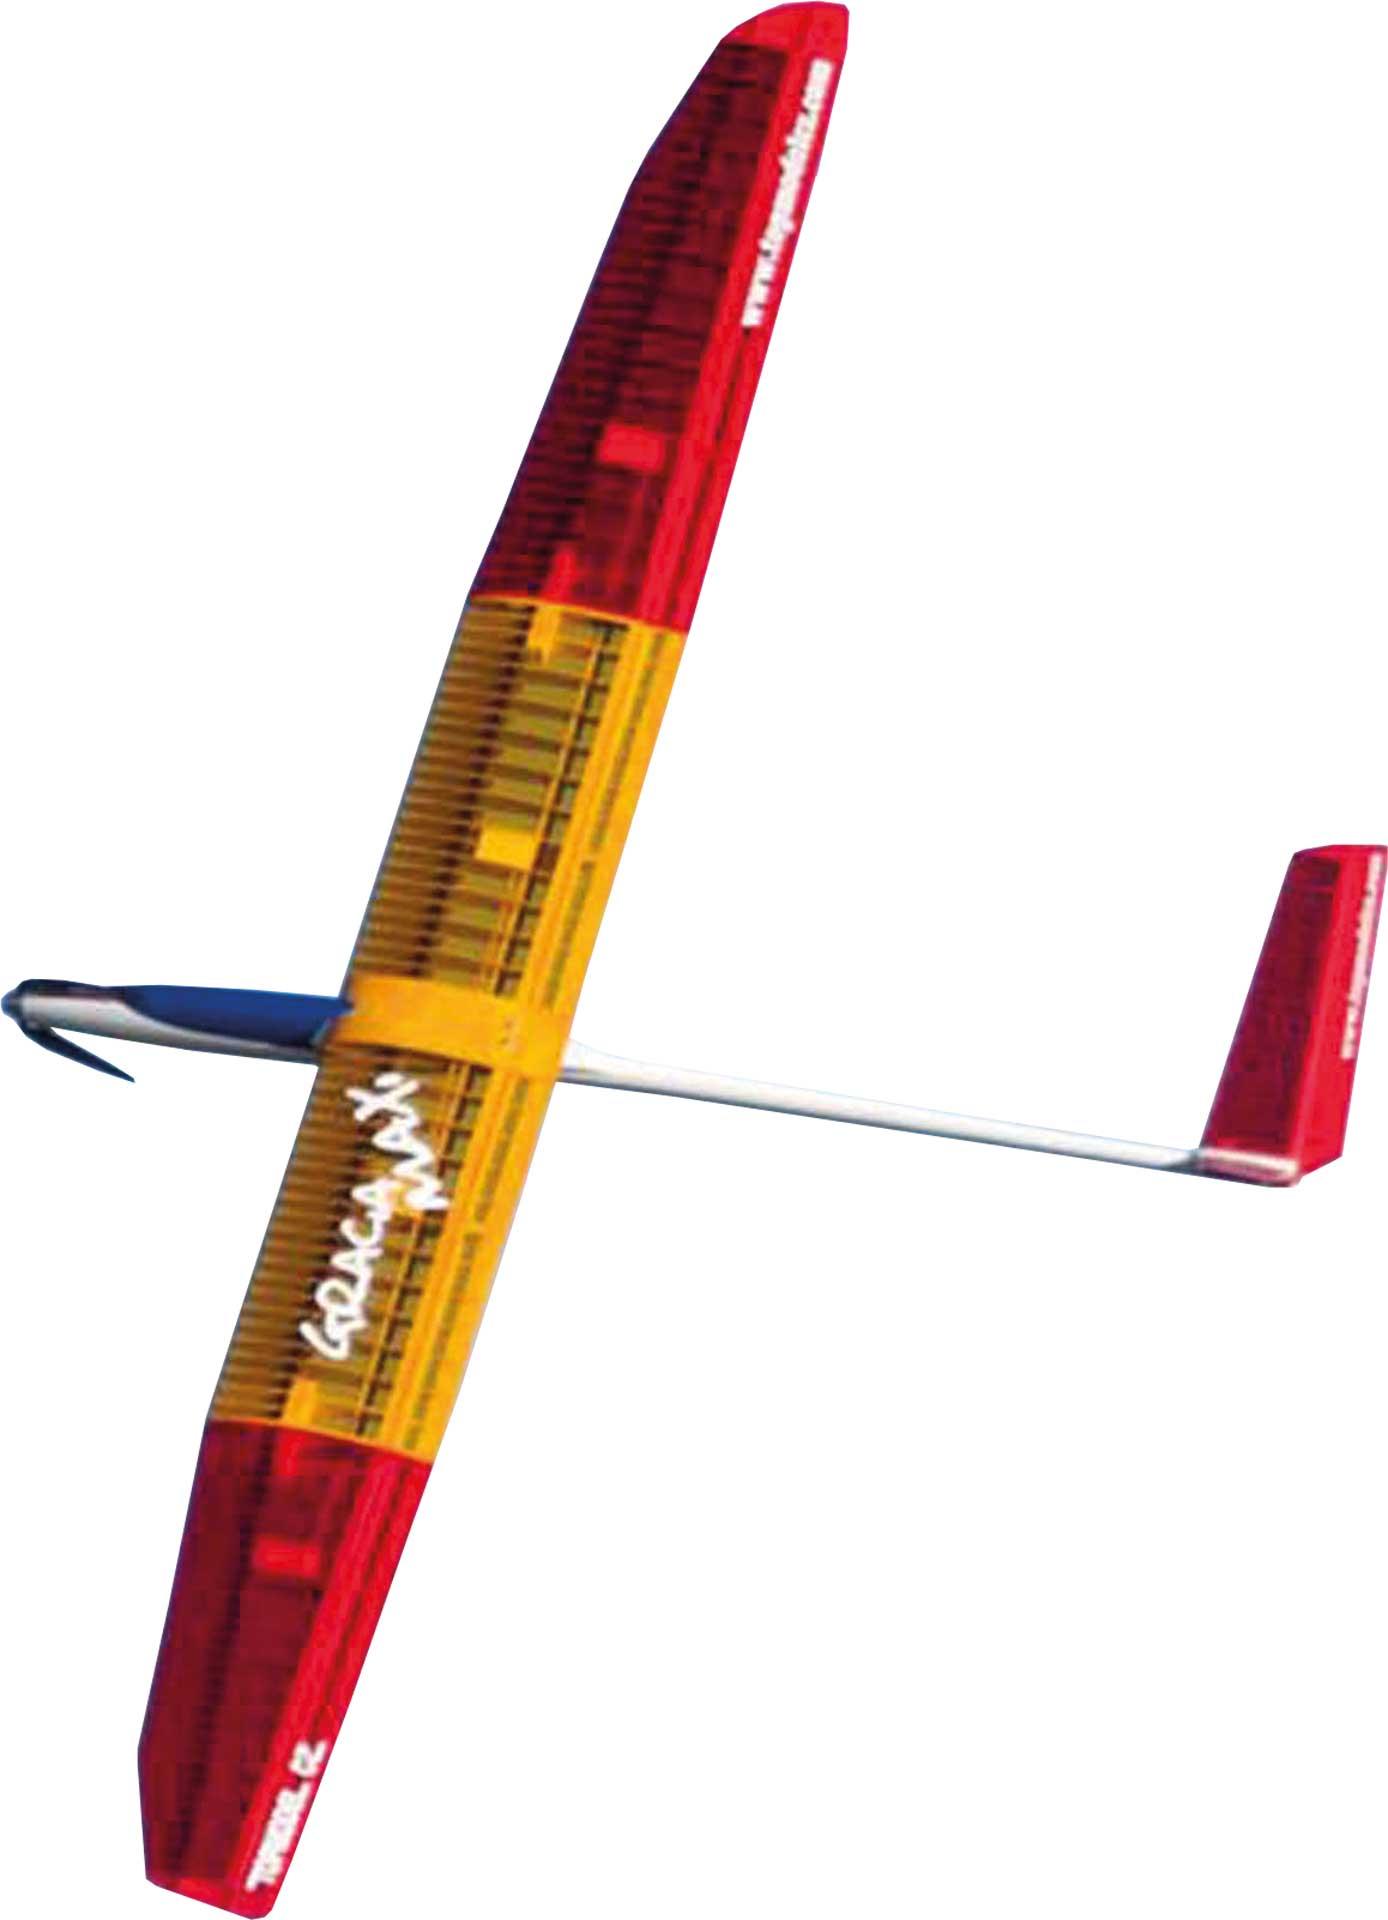 TOPMODEL GRACIA MAXI ARF 3,5M ROT / GELB THERMIK ELEKTRO F5J MODELL